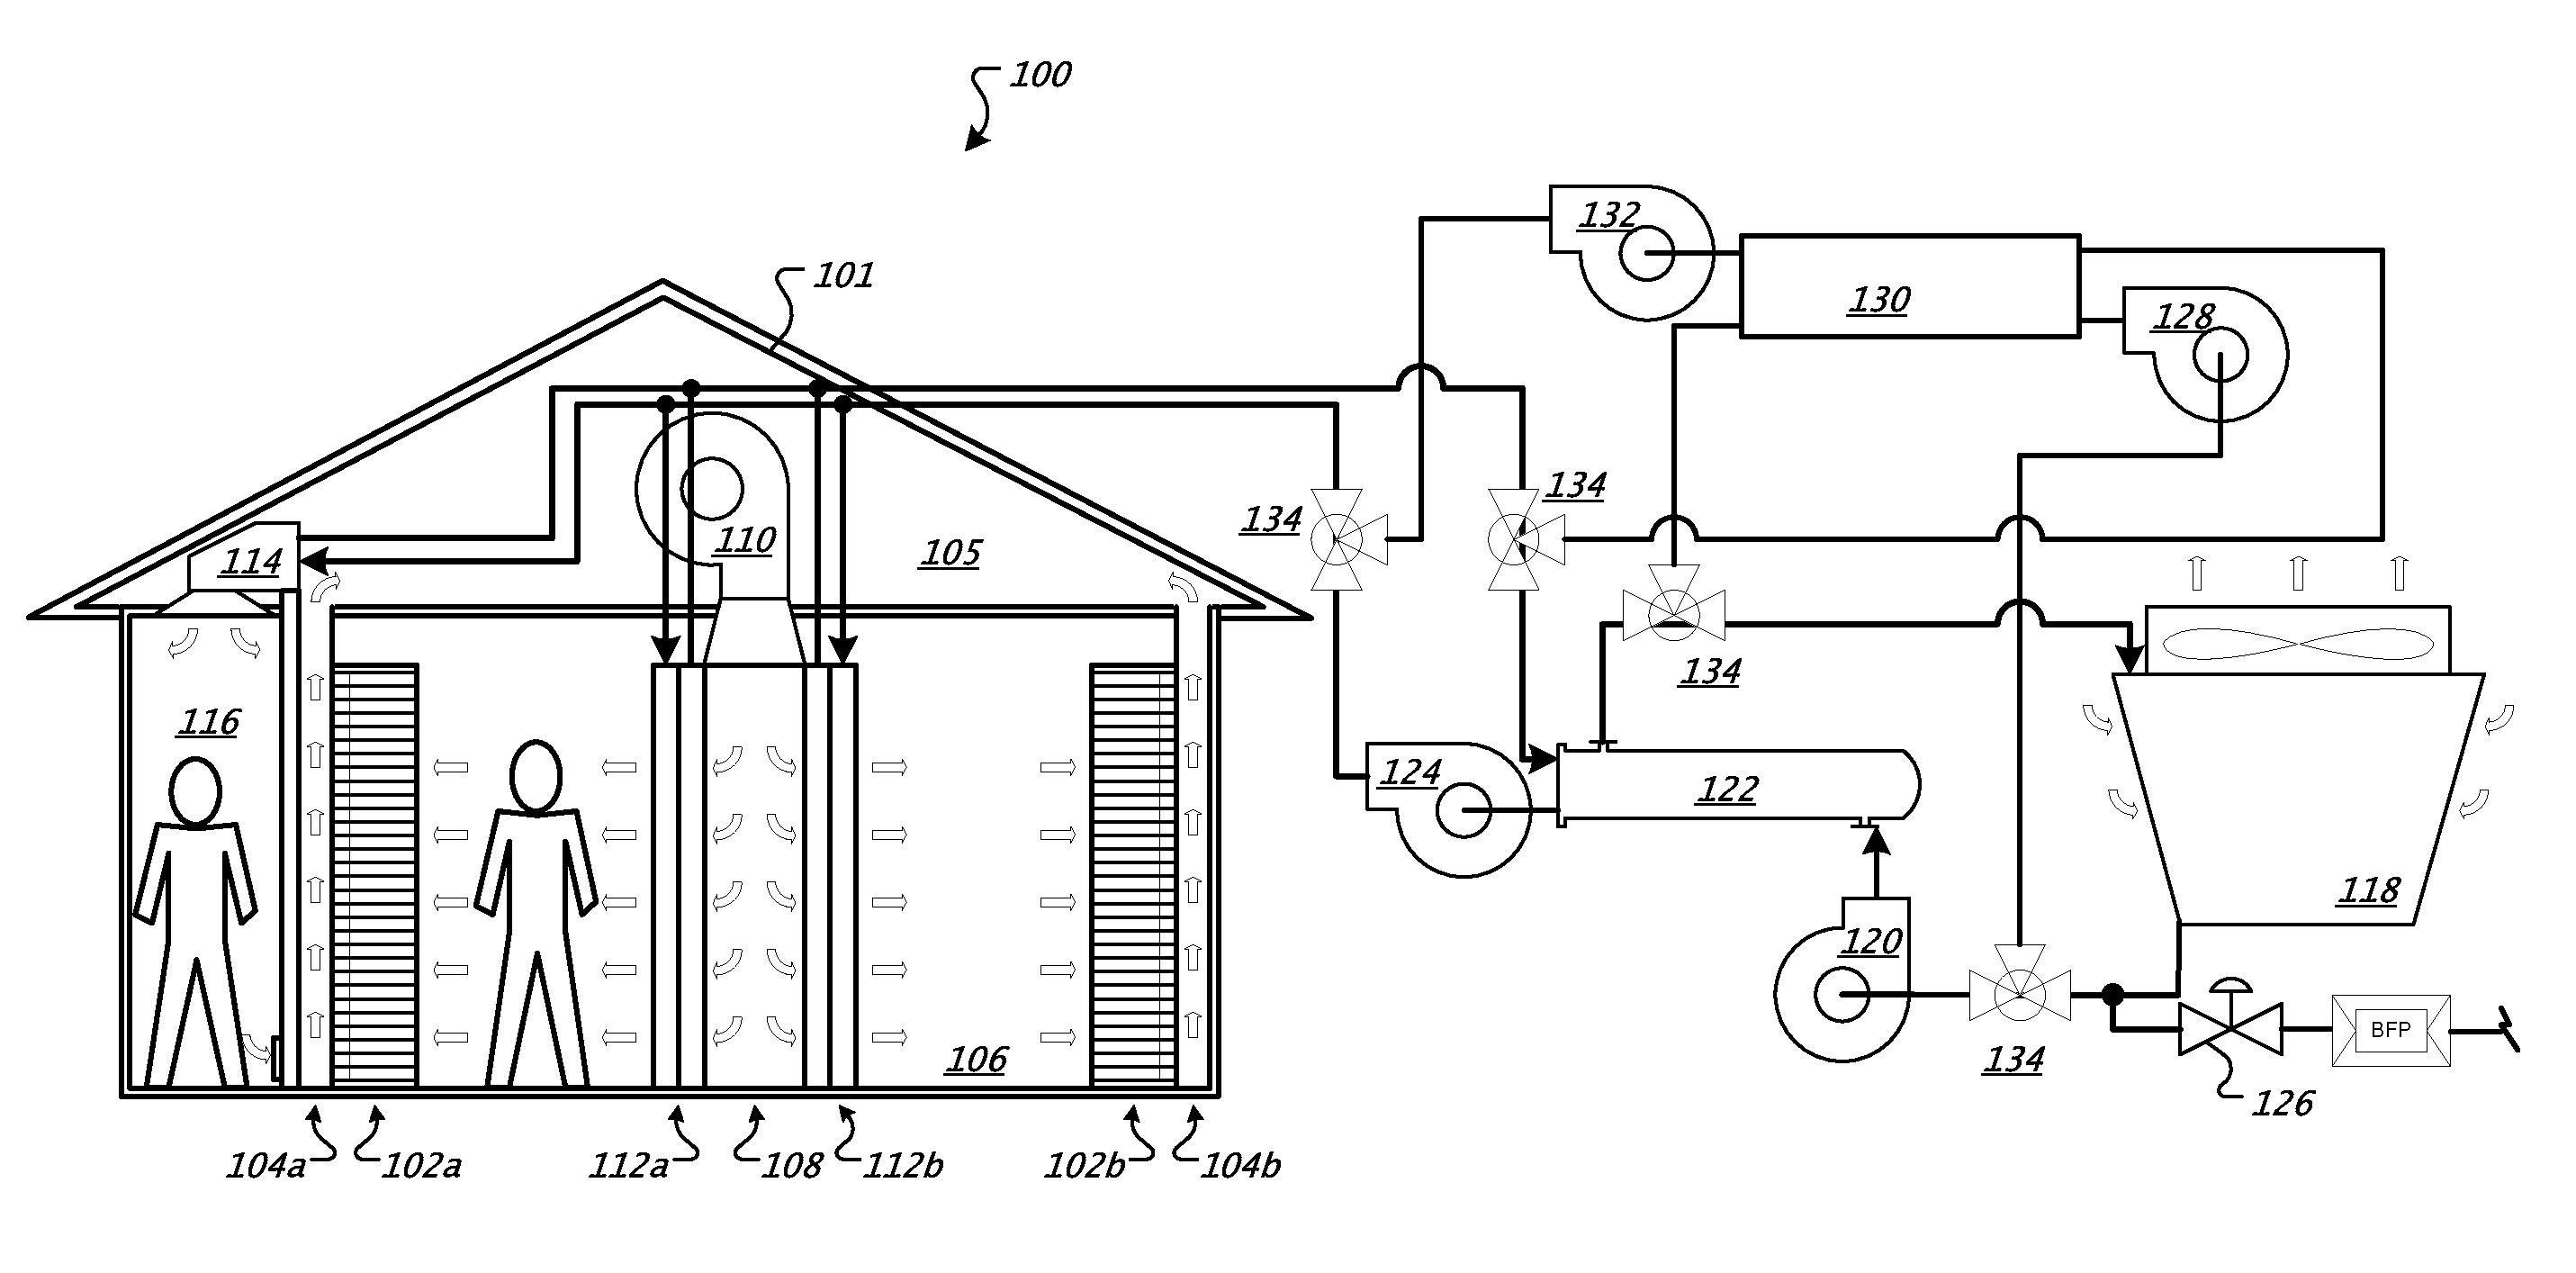 220 Dryer Schematic Wiring